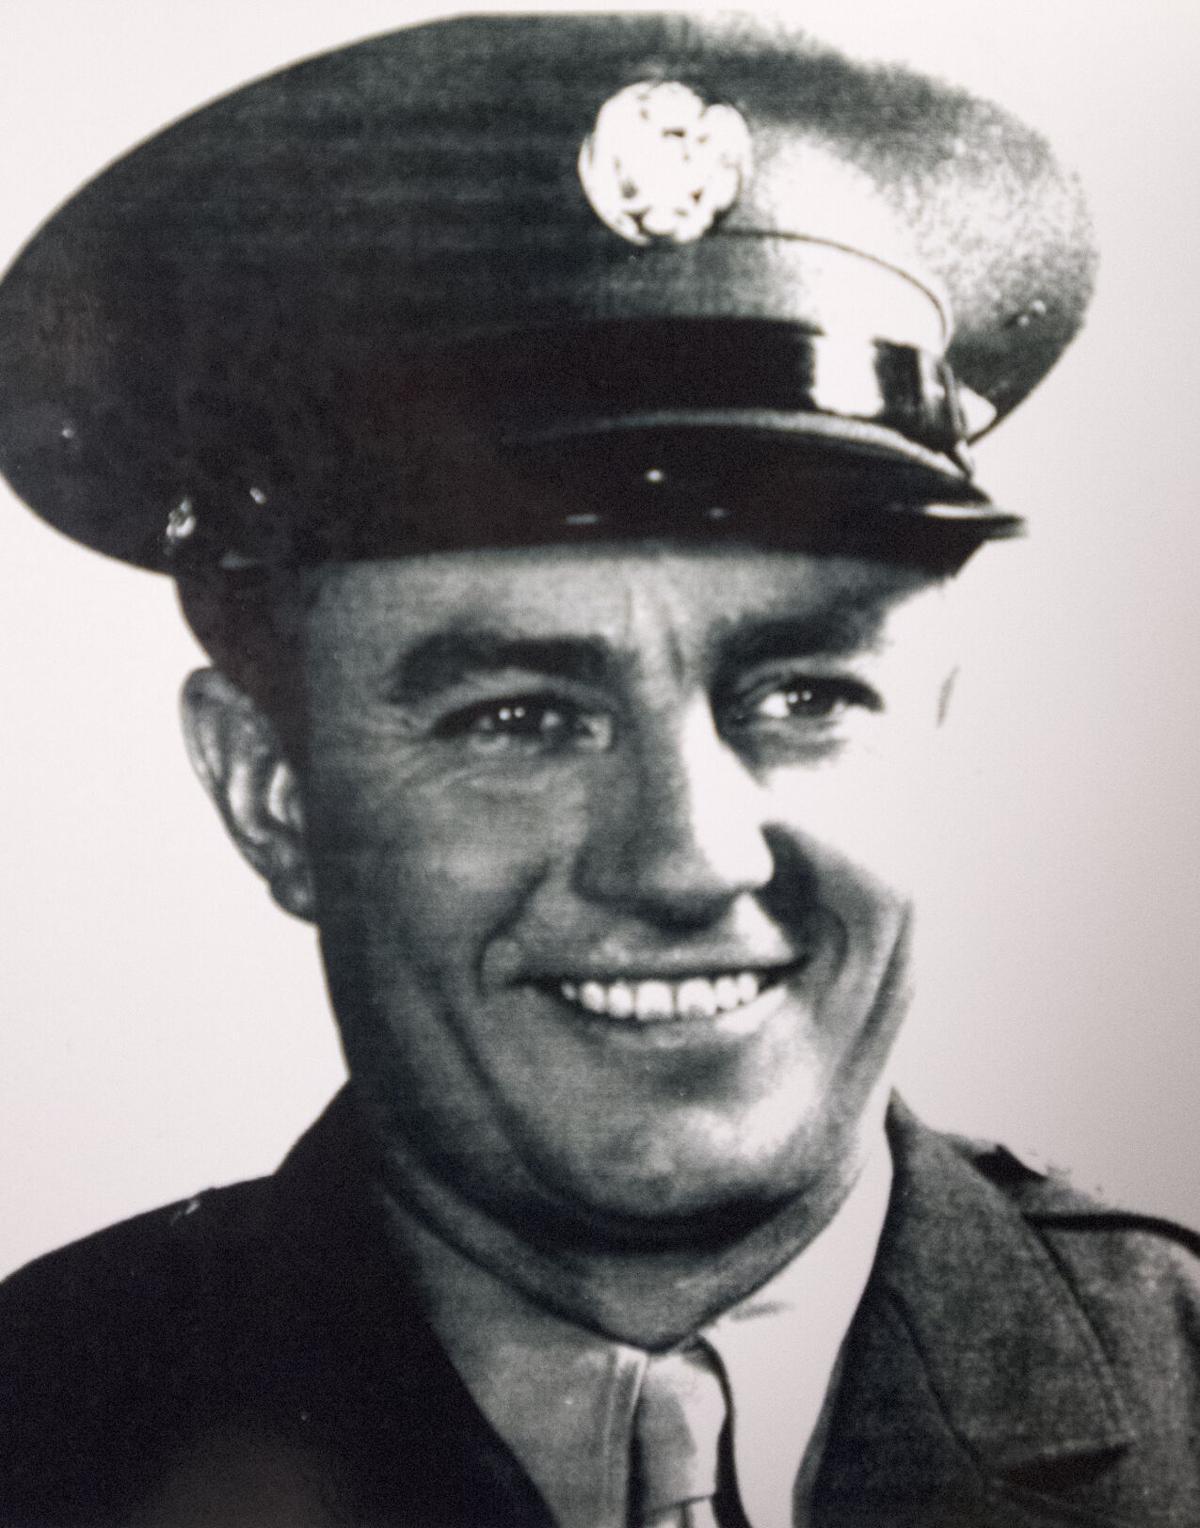 Colorado Springs veteran dedicated to giving region's war heroes their due